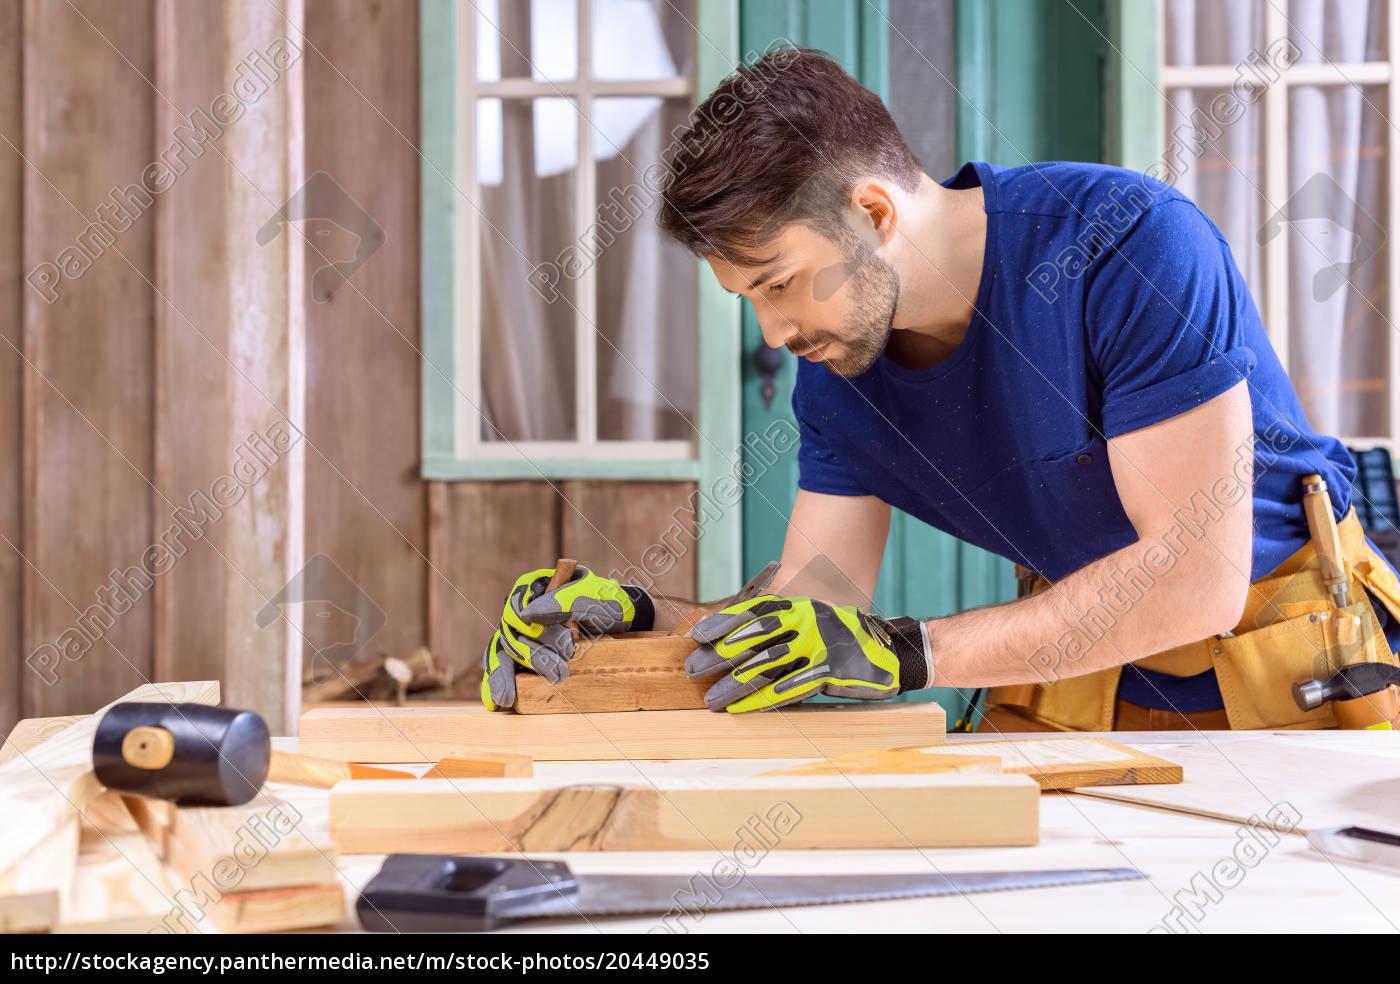 widok, z, boku, carpenter, w, rękawicach - 20449035